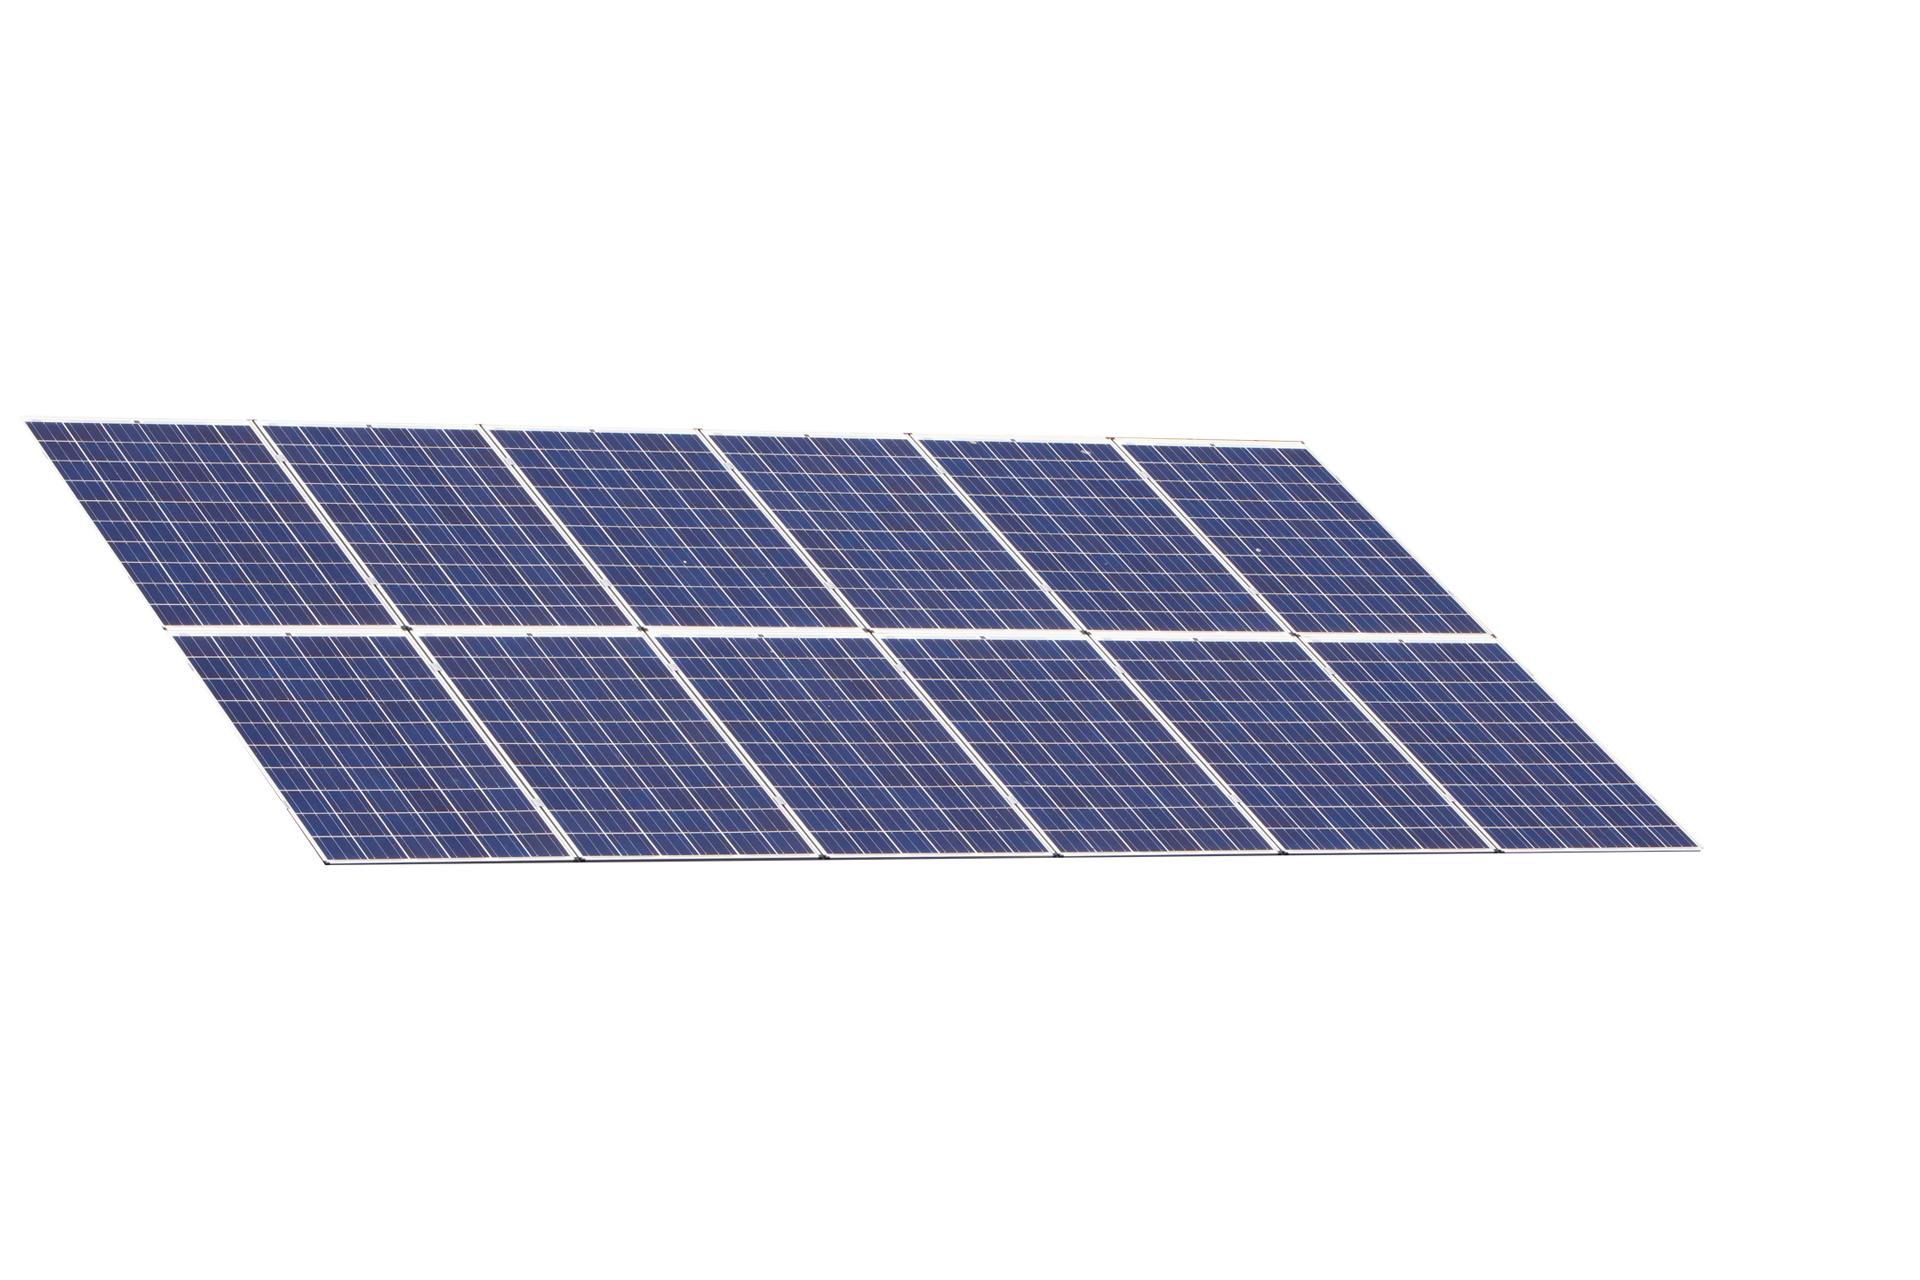 Photovoltaikanlagen - Solarmodule